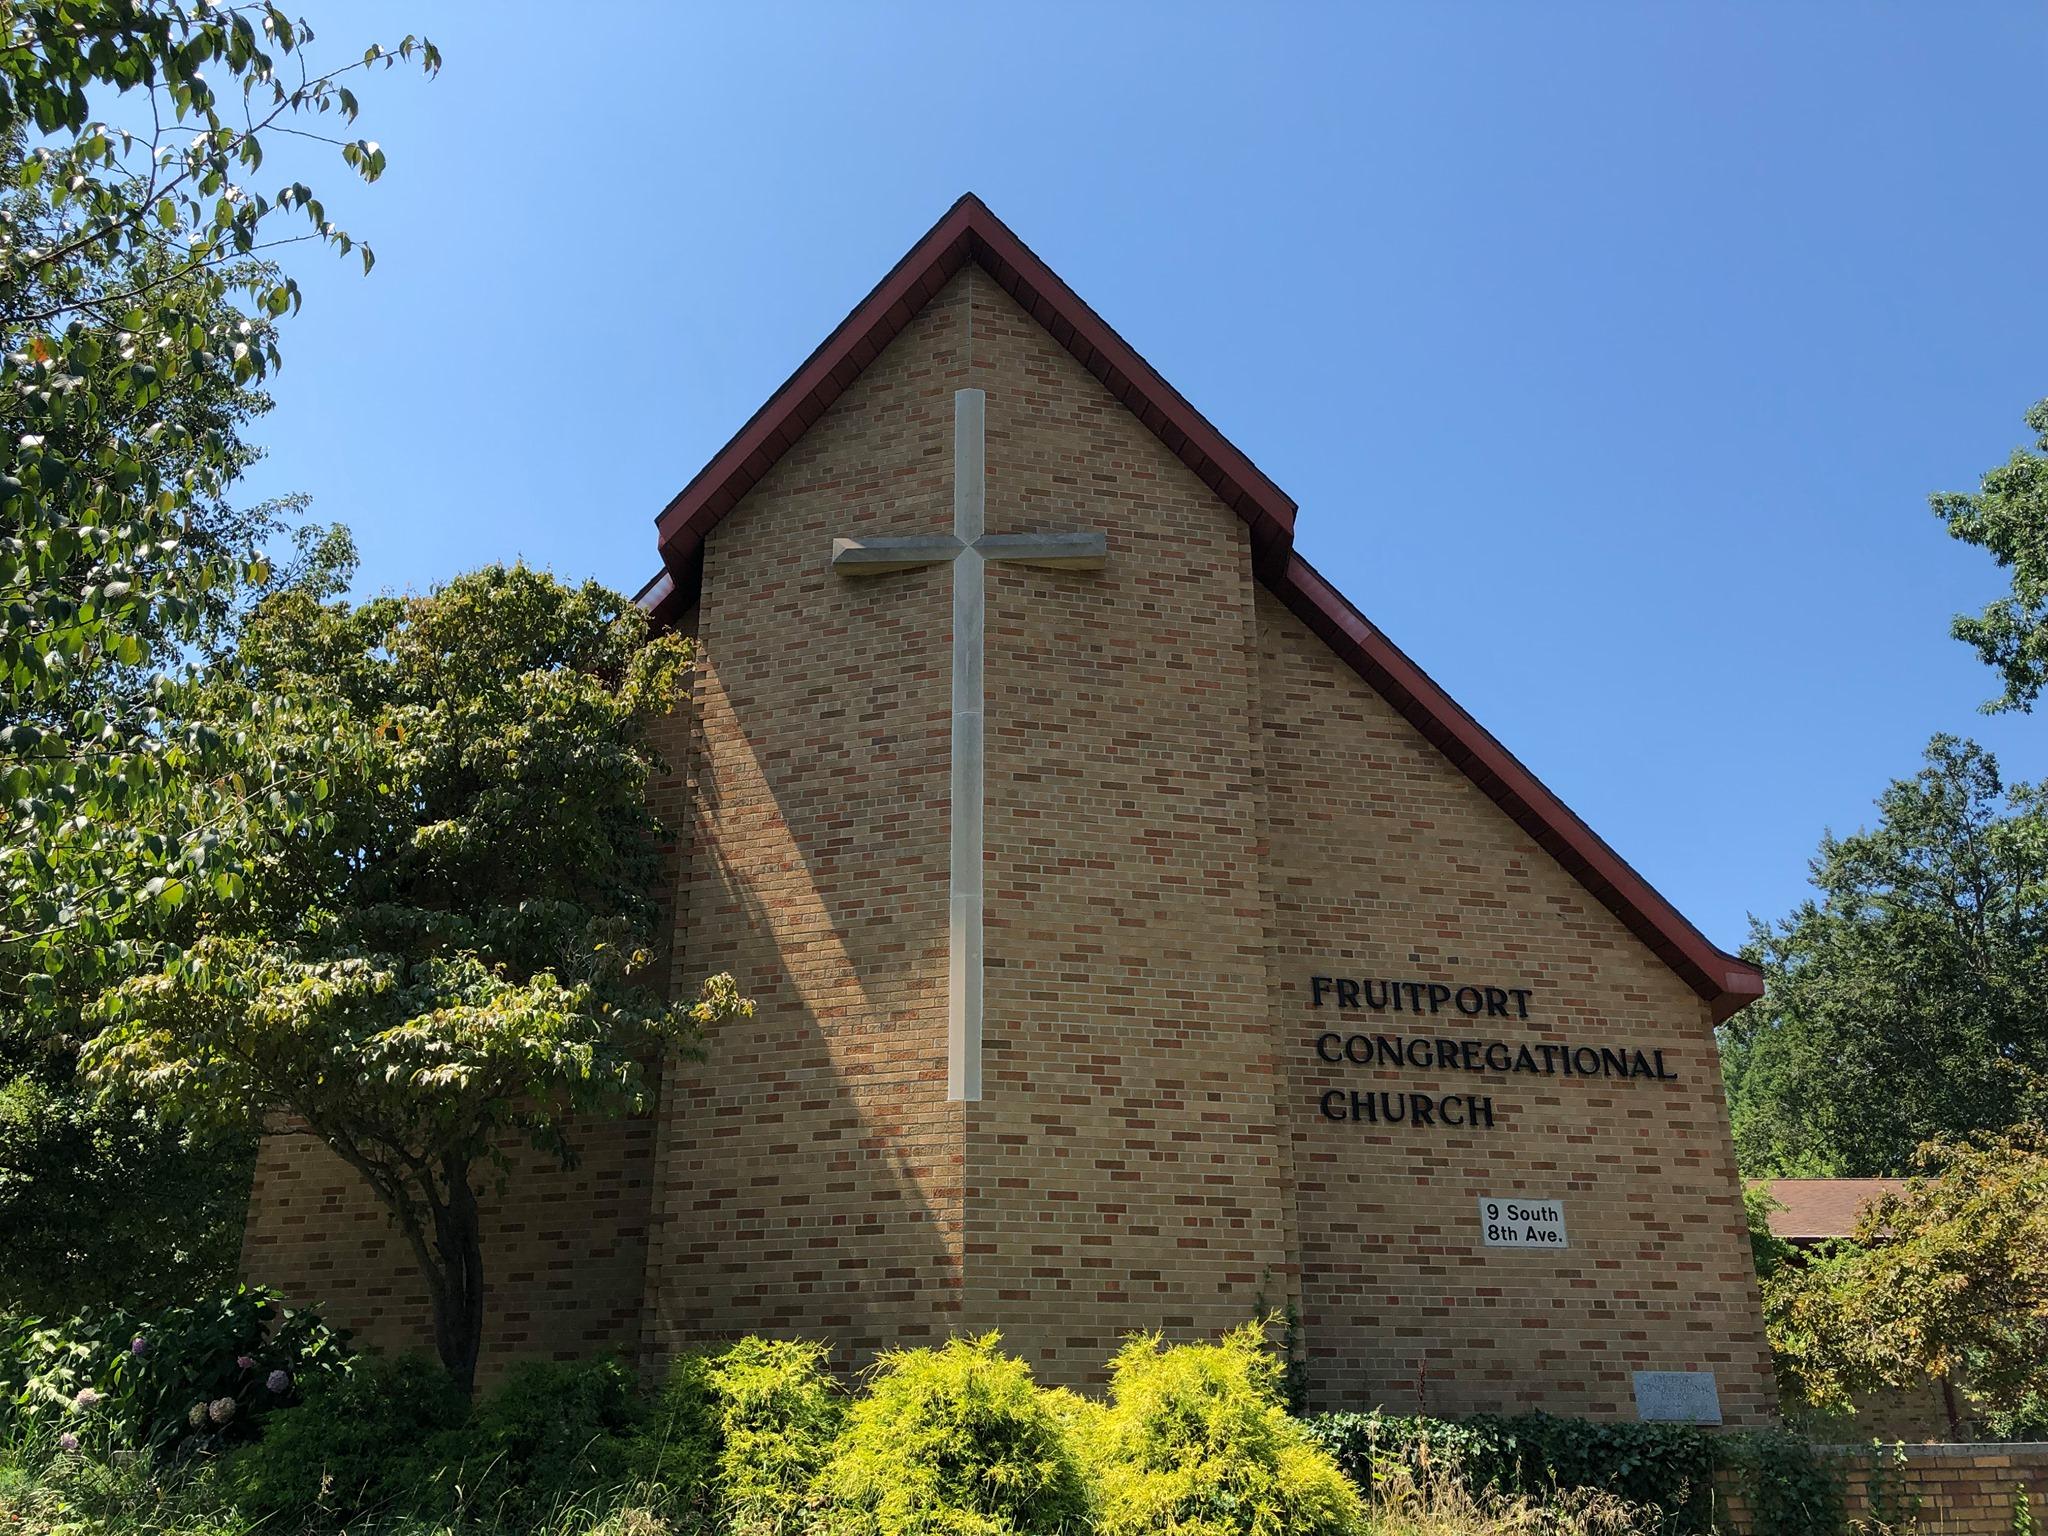 Fruitport Congregational Church